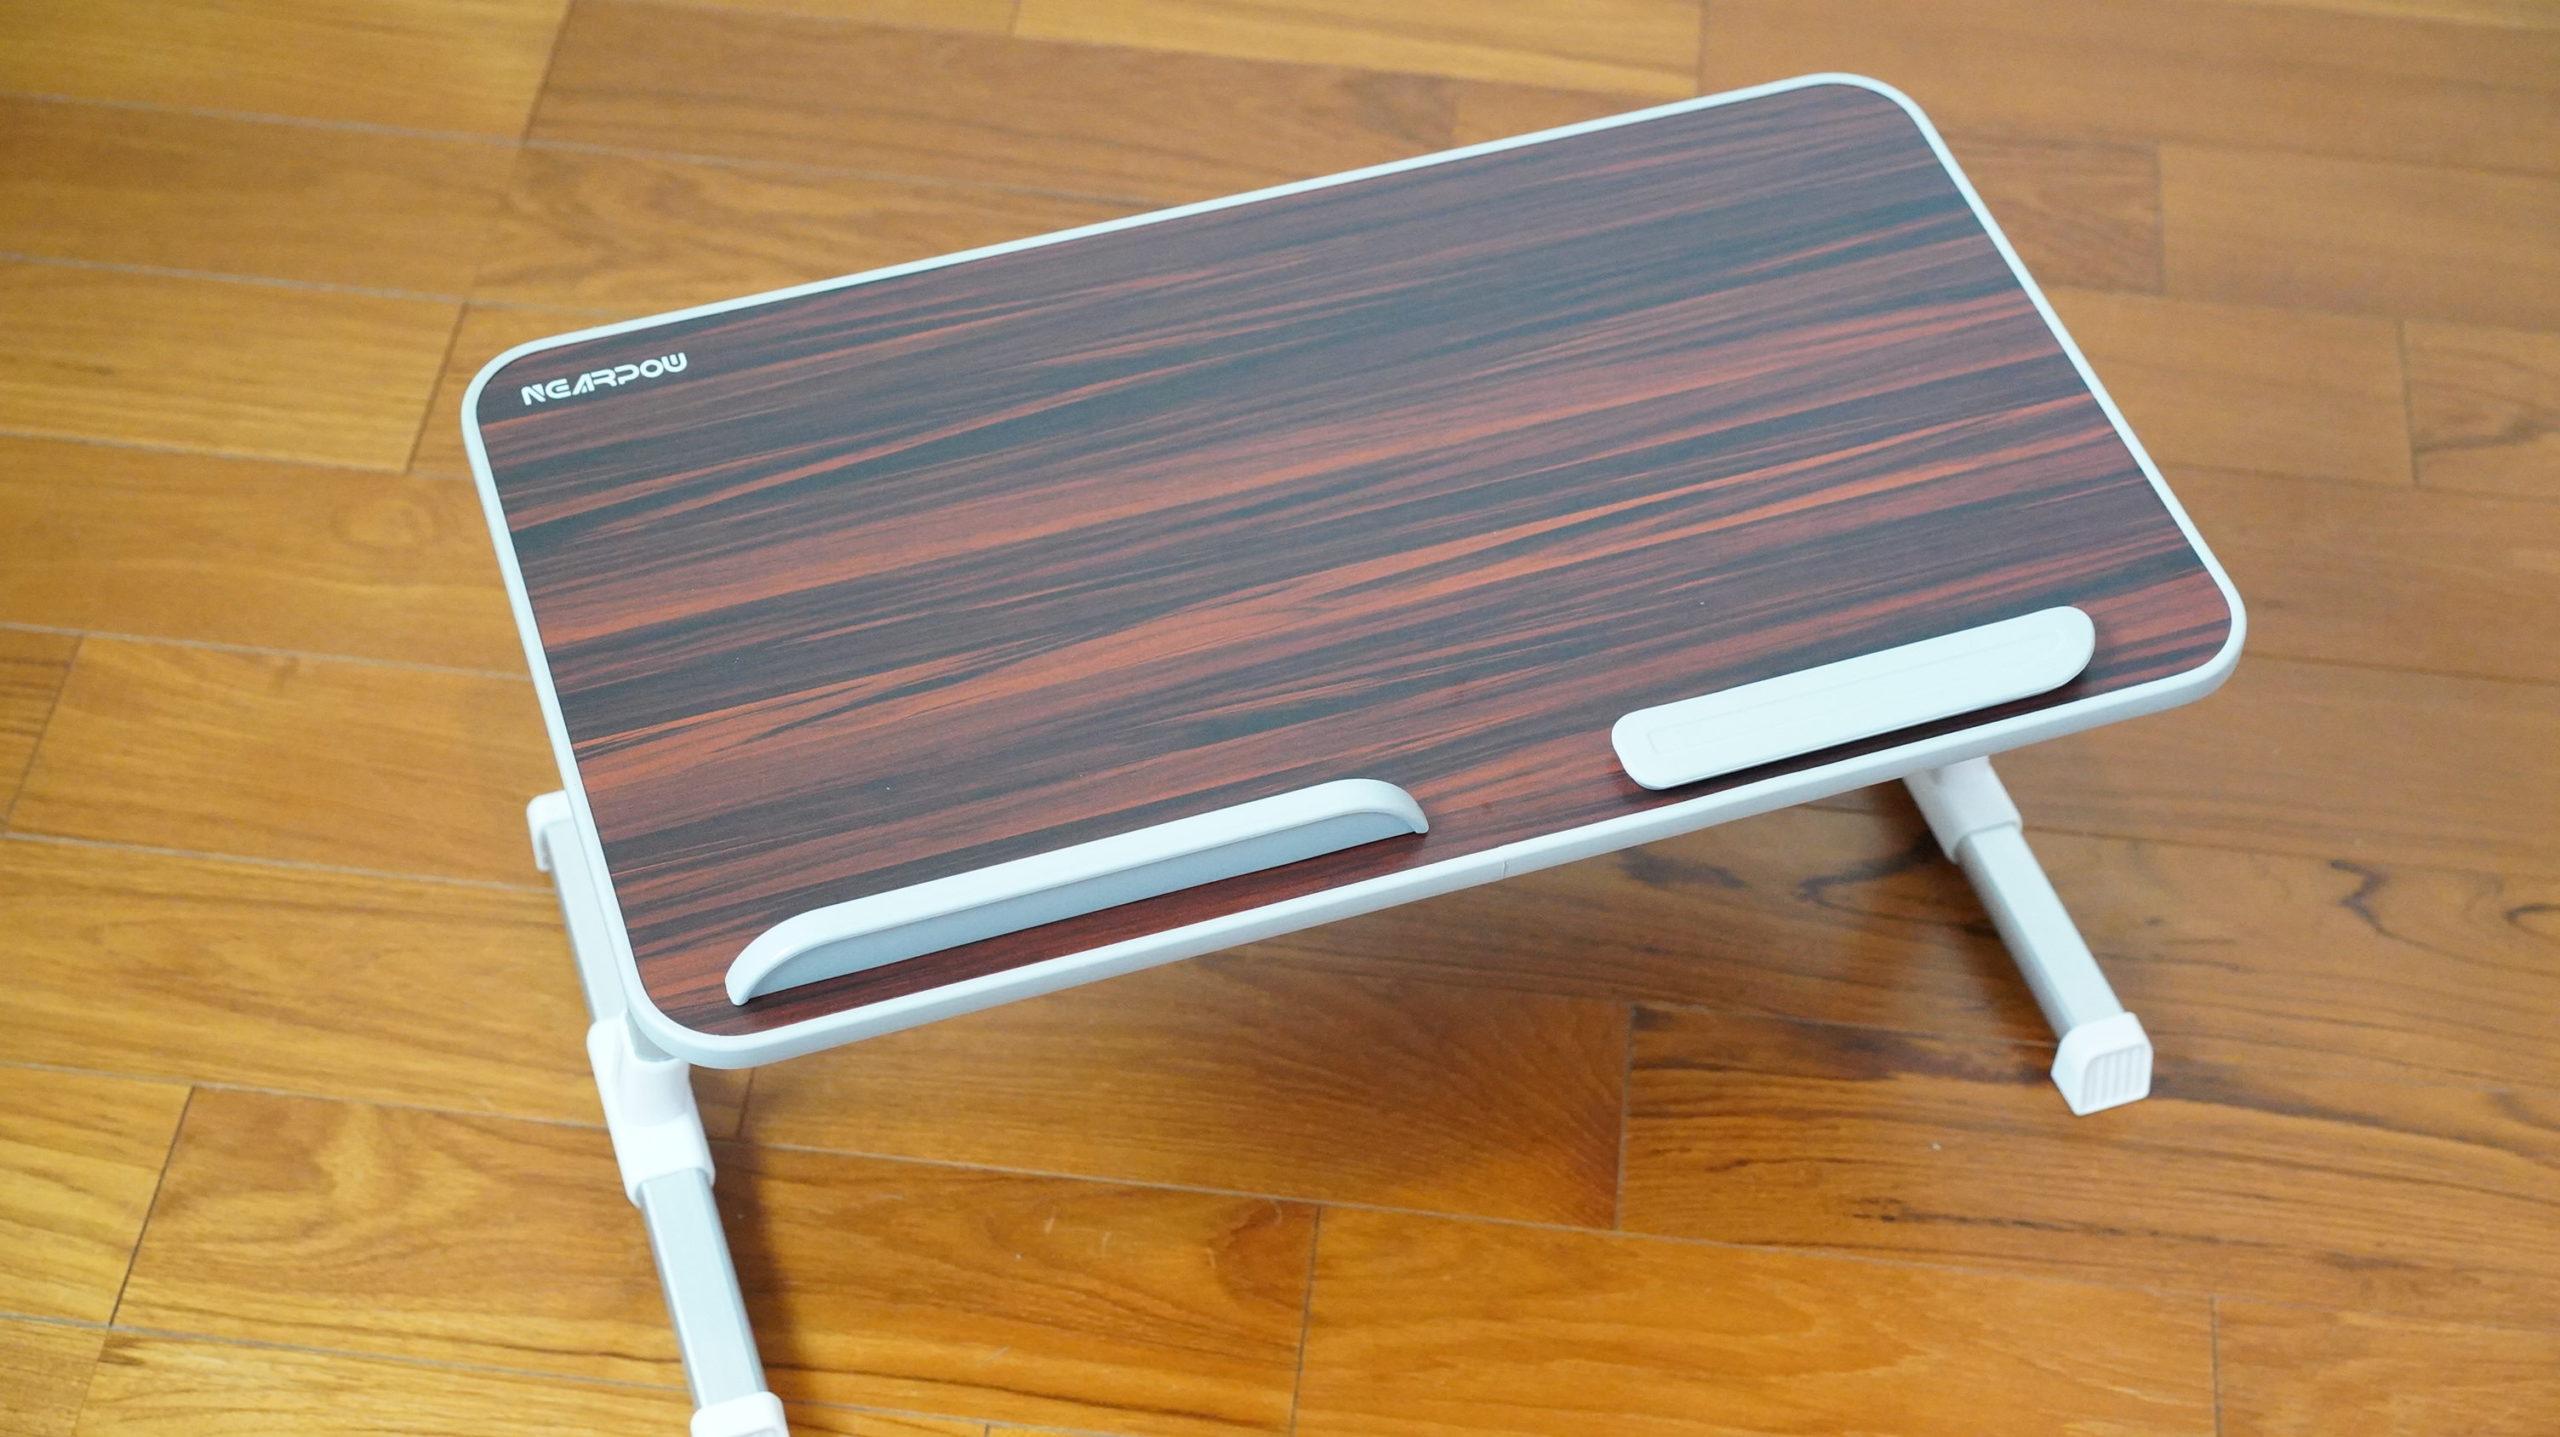 ソファやベッドでパソコン(ノートPC)の作業を姿勢良く行い、膝での作業をなくす最適なテーブル・スタンド10